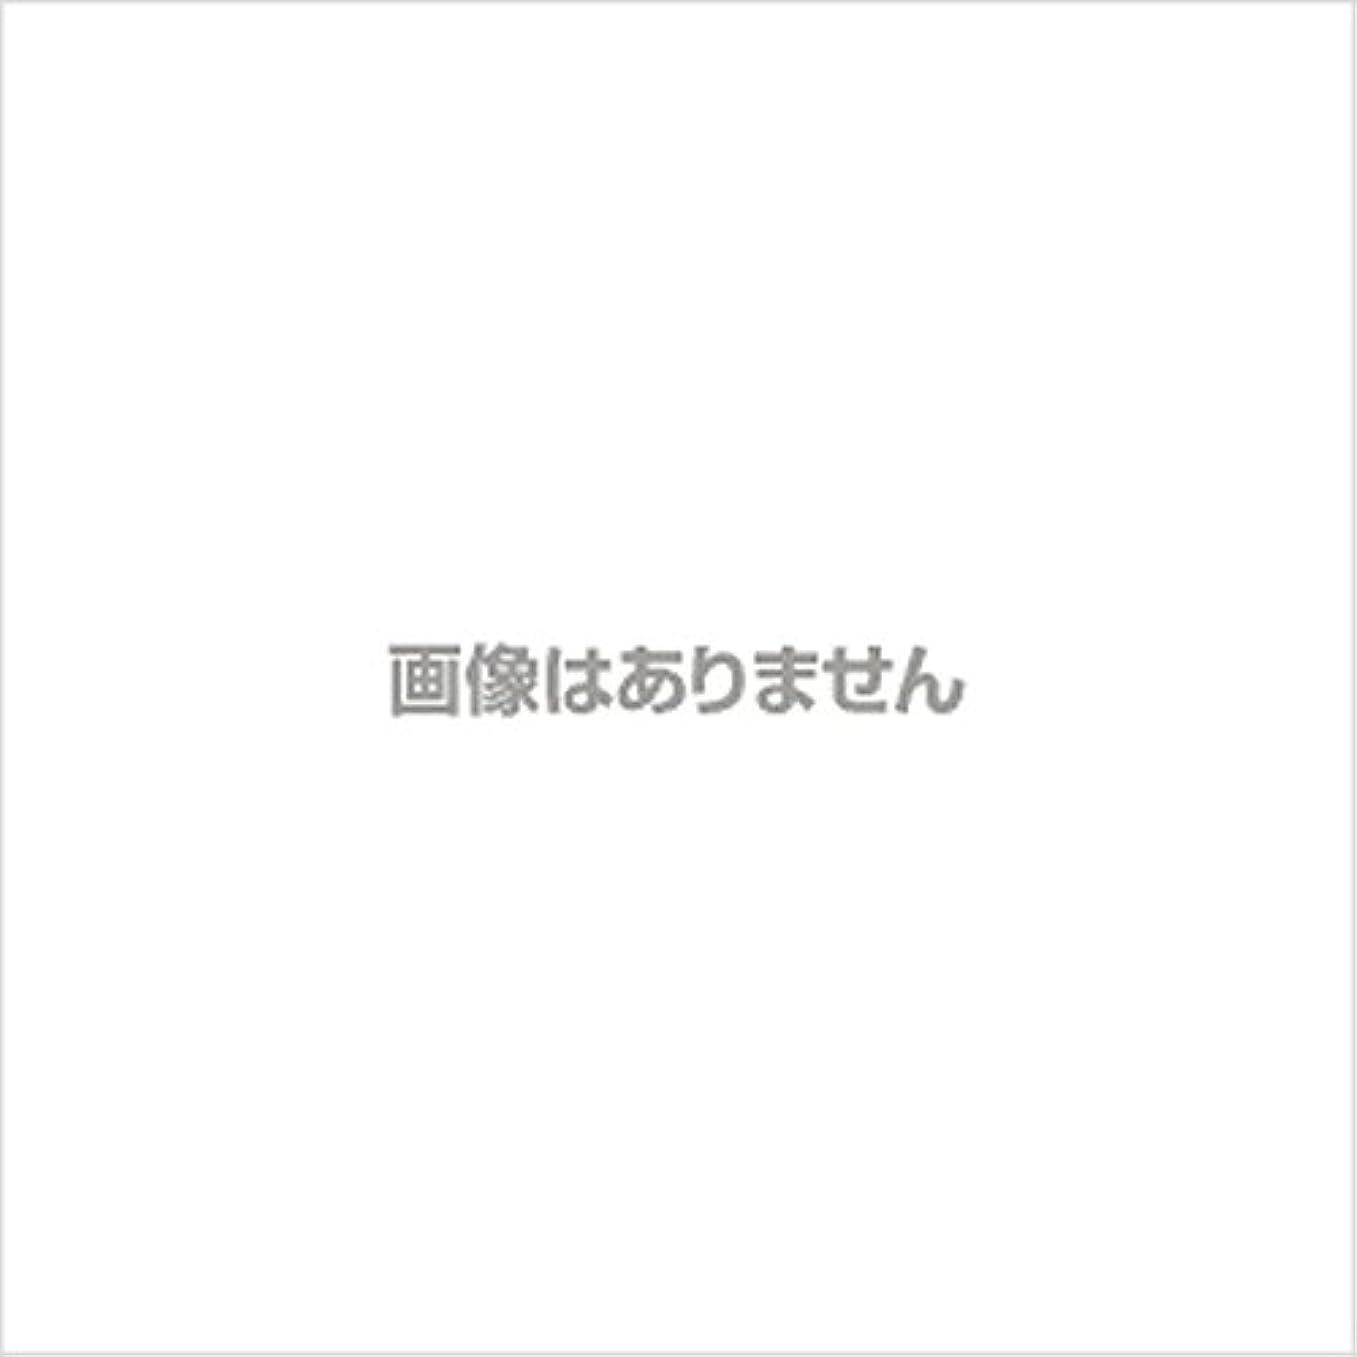 センチメンタルロボット前にニュージャスト ヘルパーグローブ L(500枚入) 【商品コード】4010500